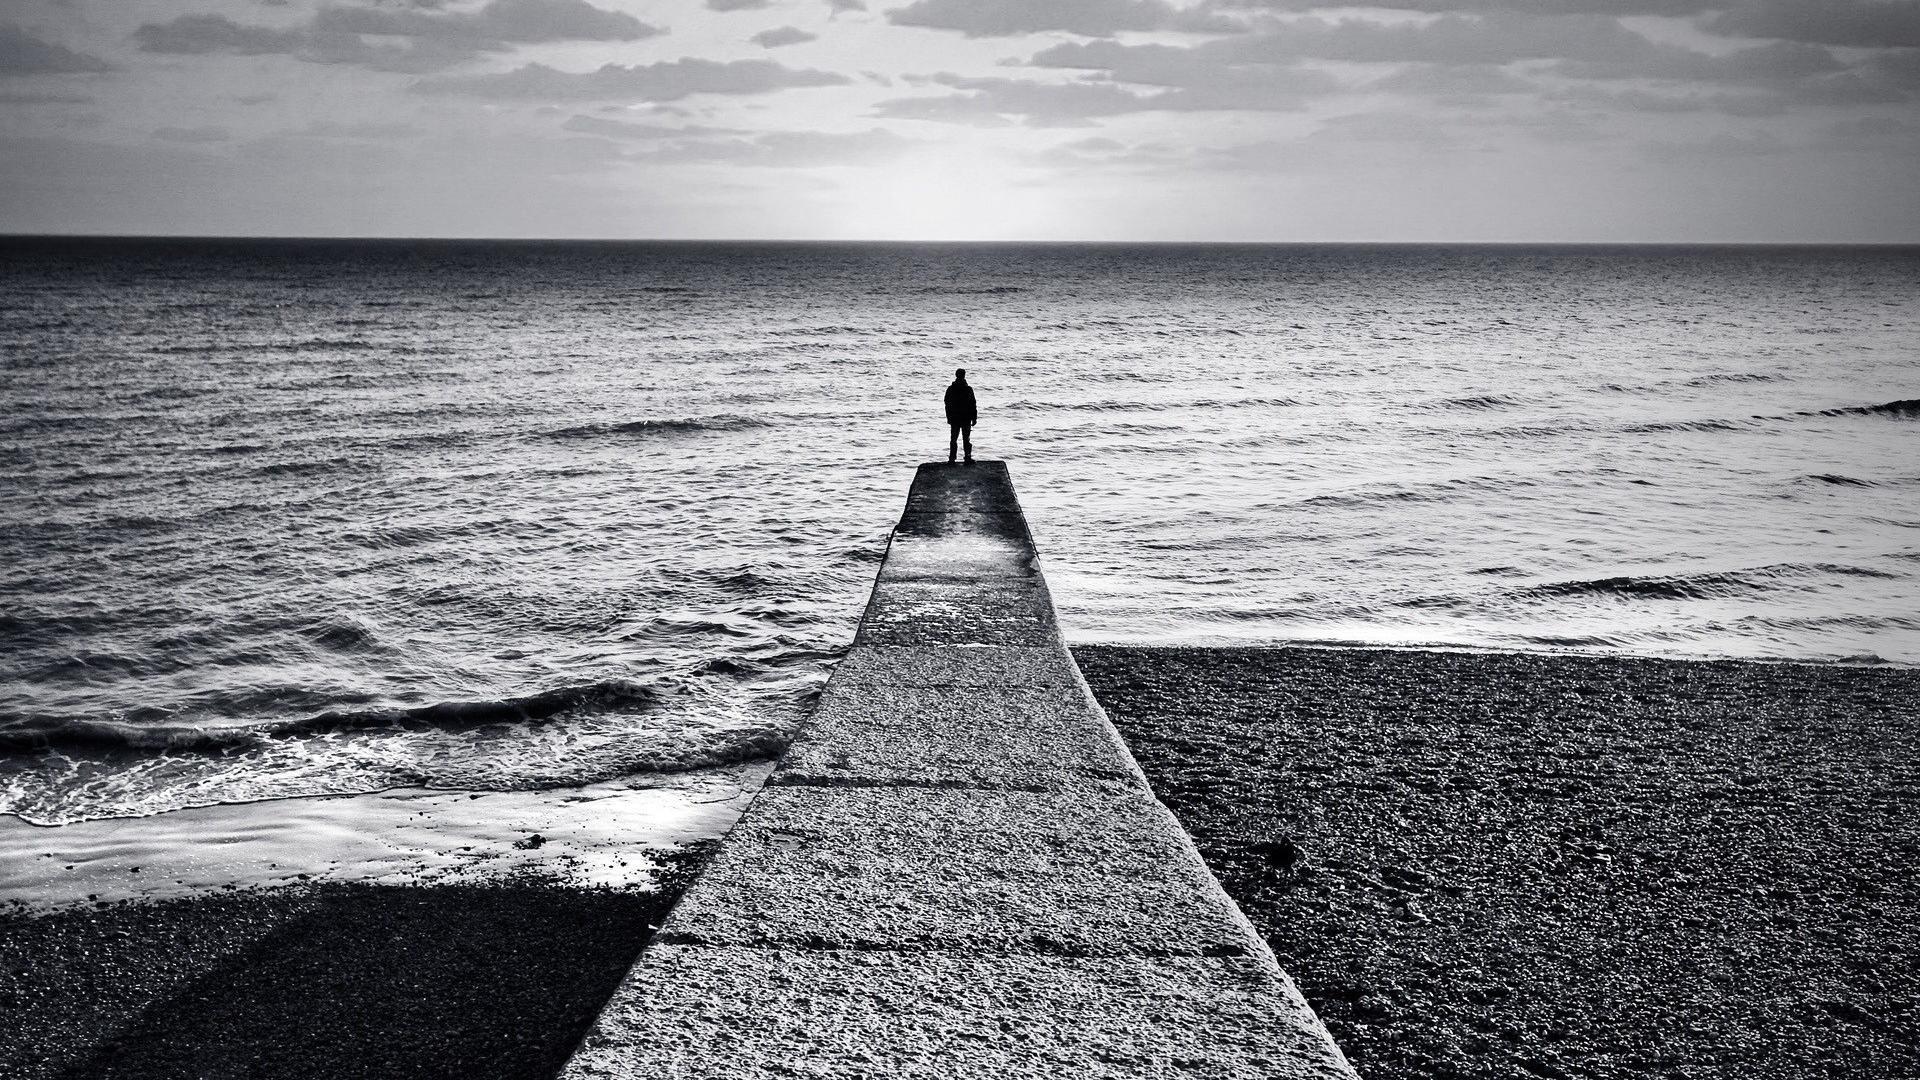 Alone Sad Background